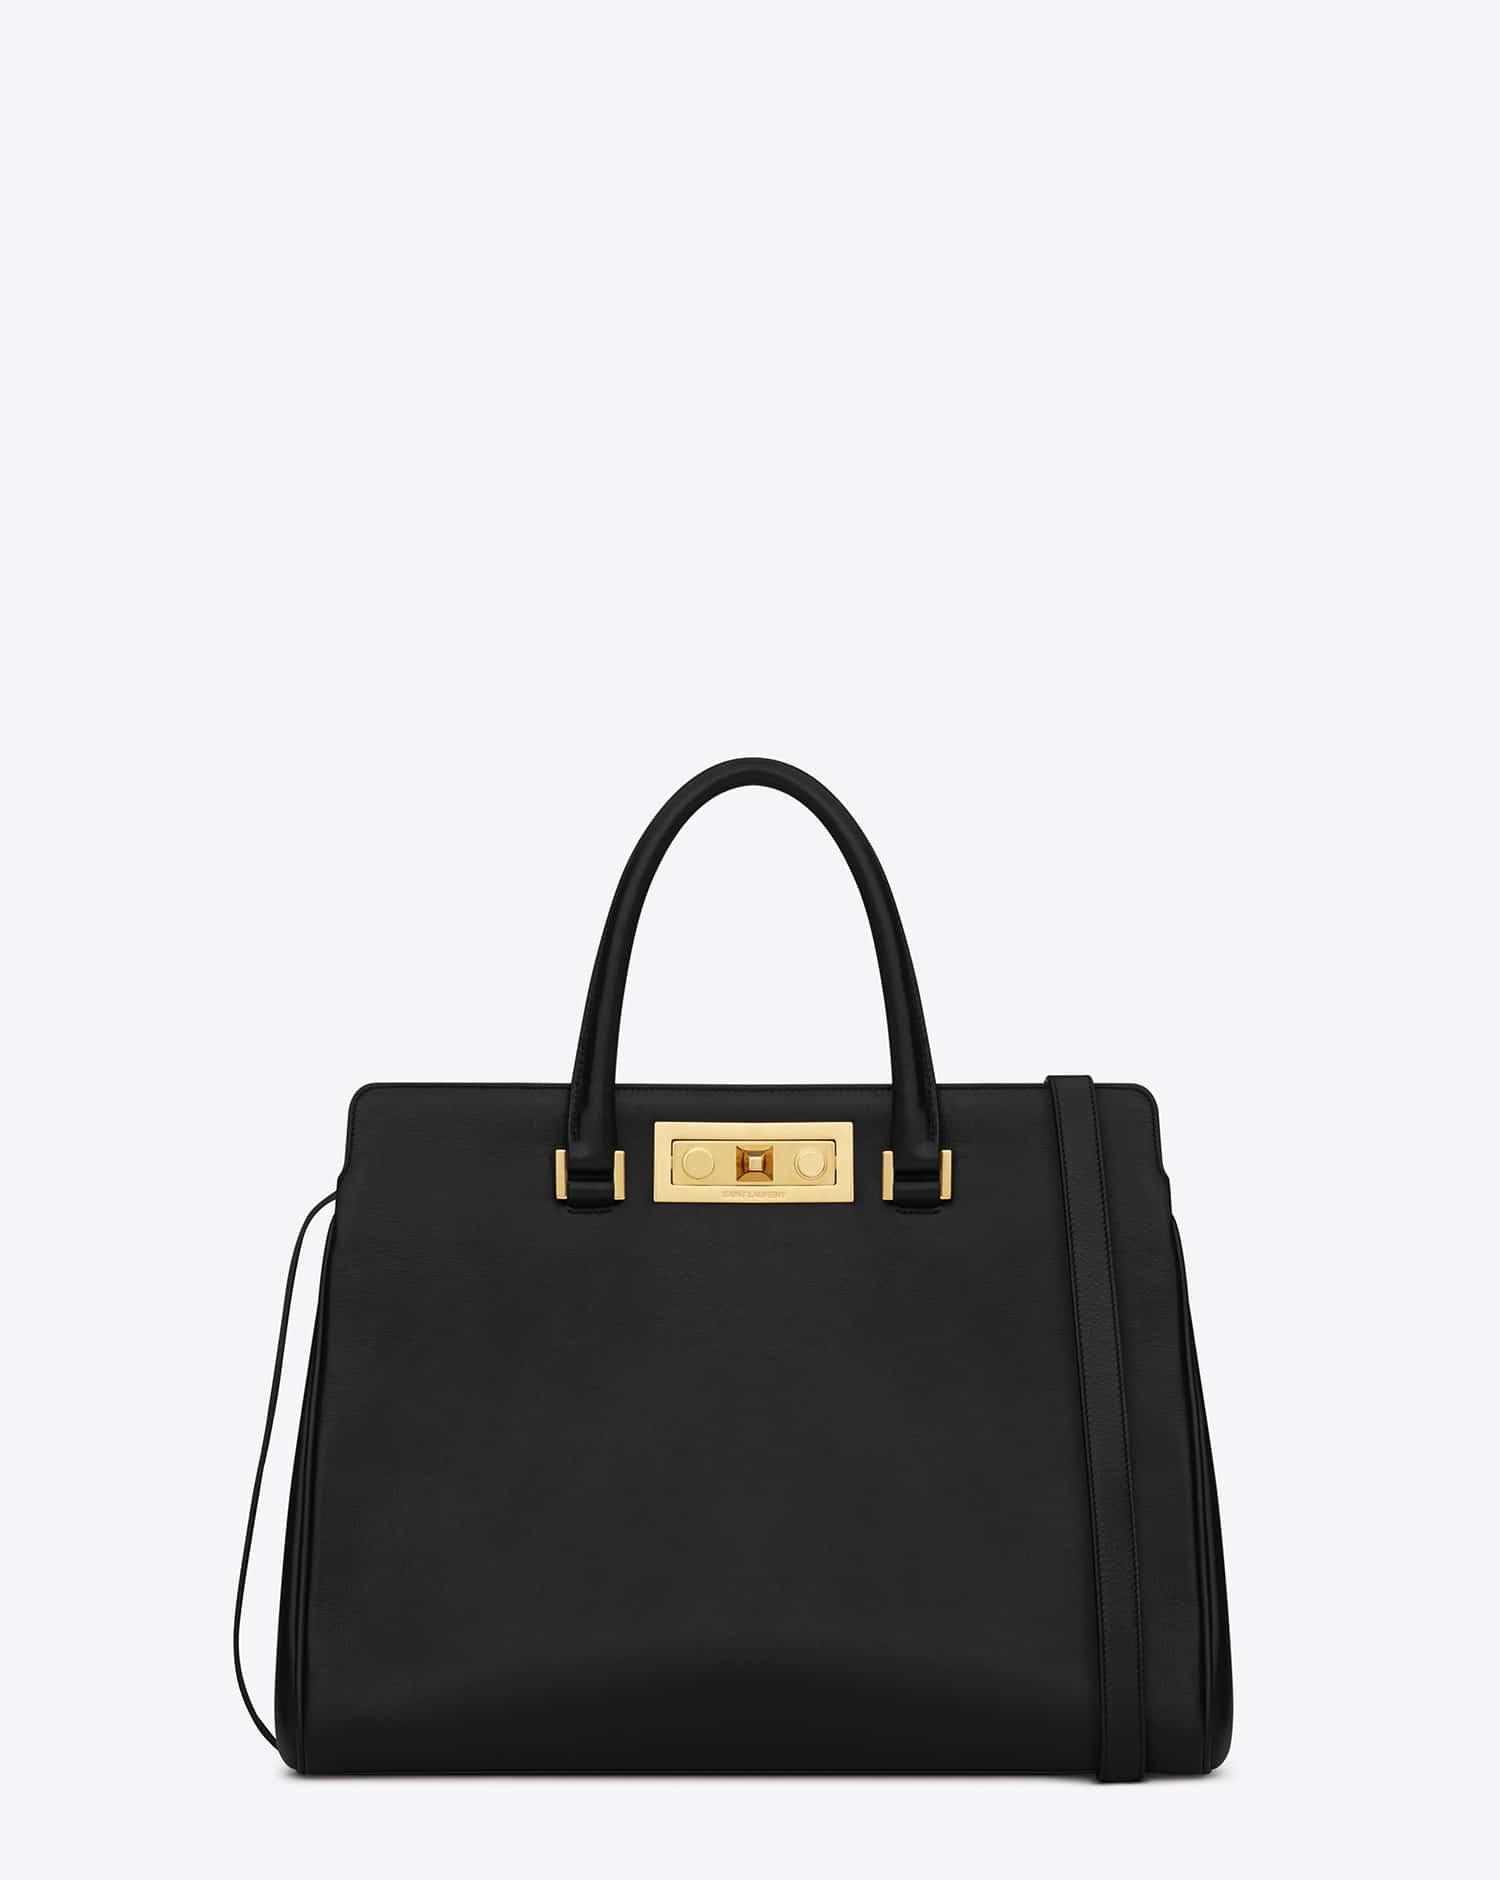 yves saint laurent messenger bag - Saint Laurent Trois Clous Tote Bag Reference Guide | Spotted Fashion